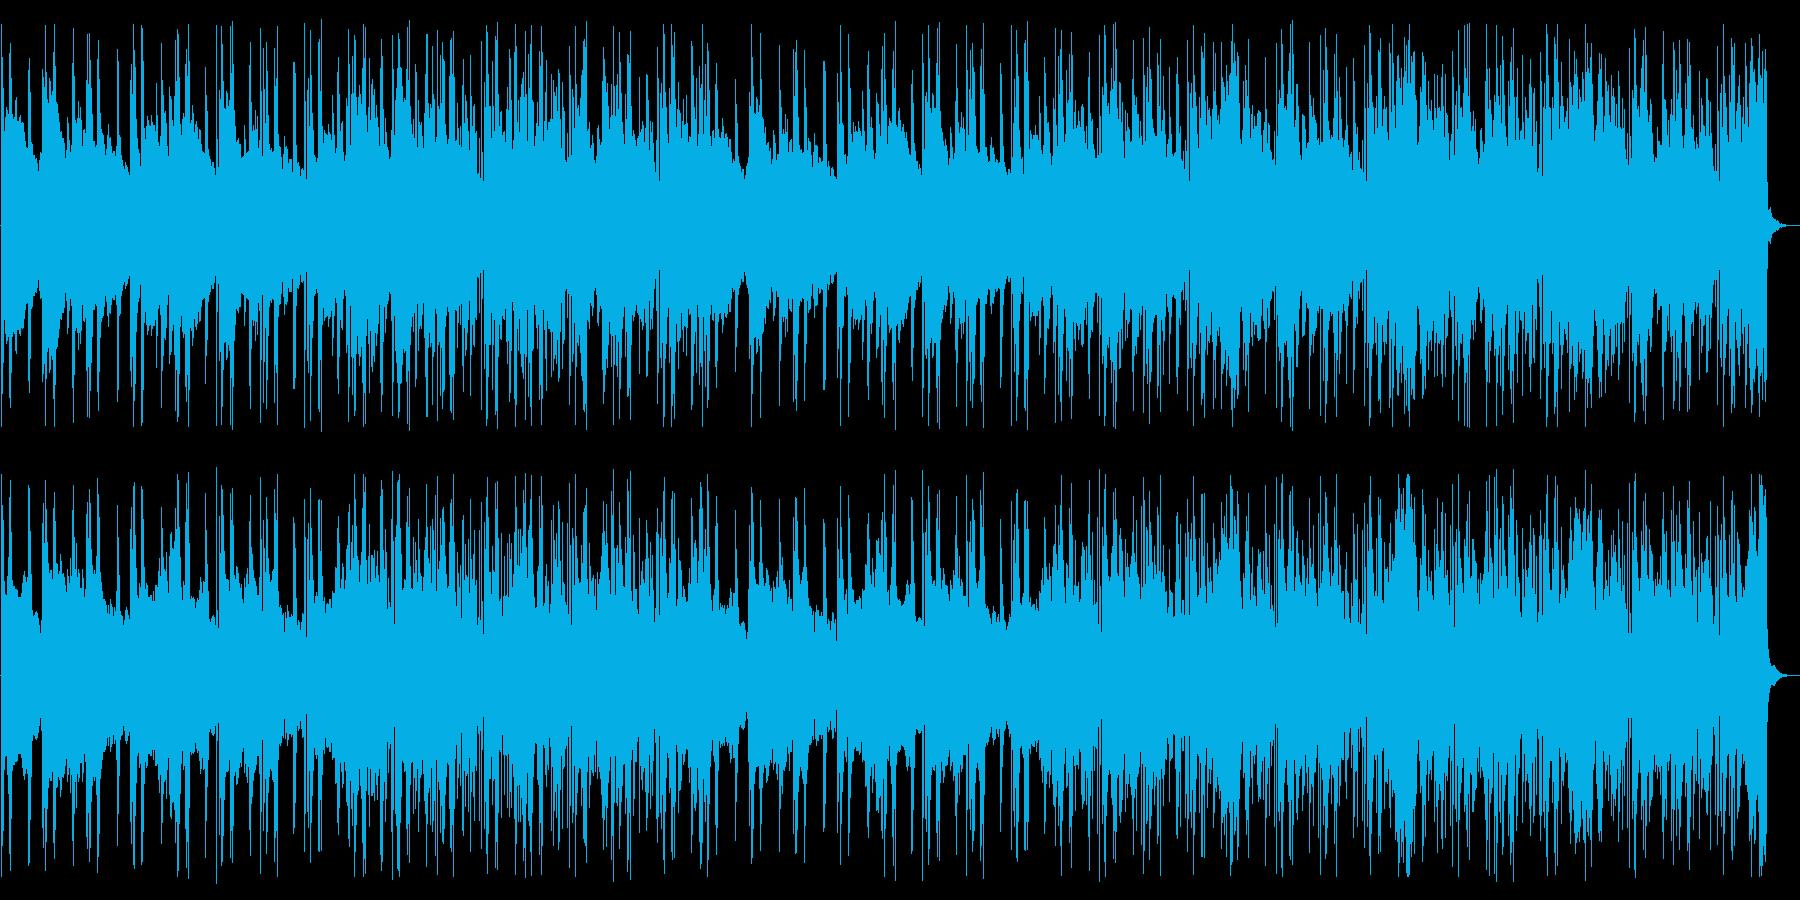 爽やか/落ち着き/R&B_No597_2の再生済みの波形